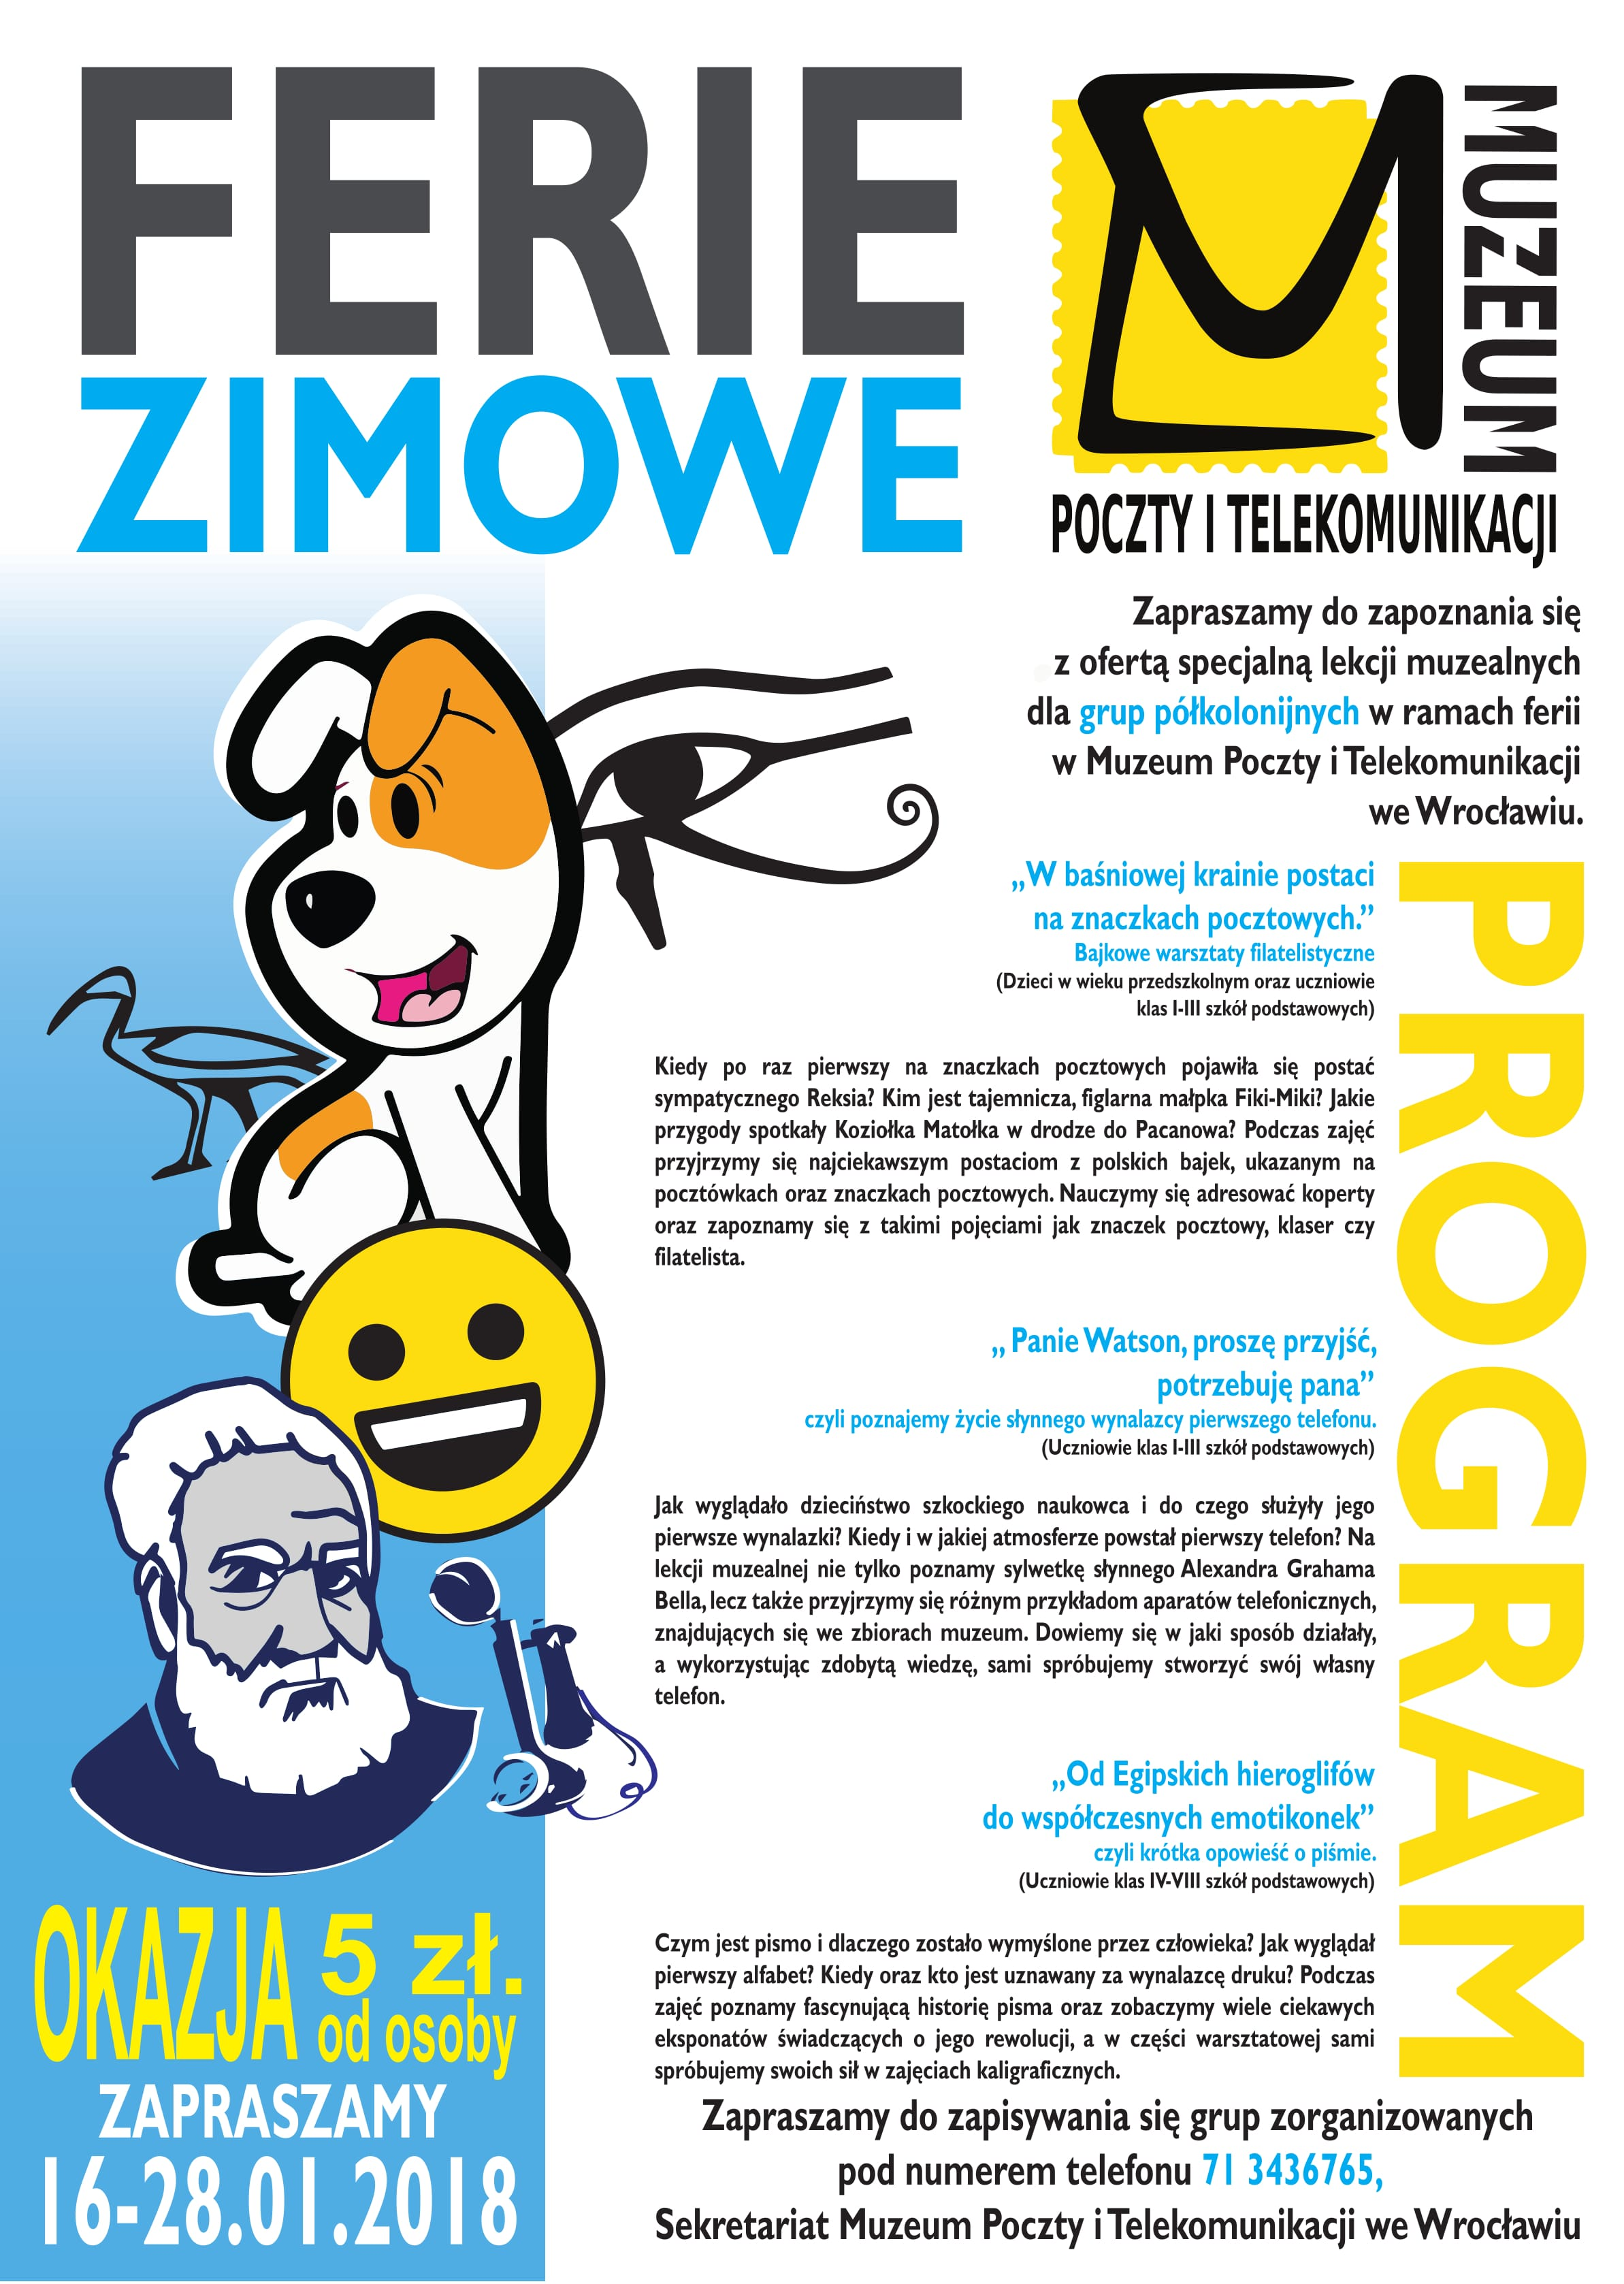 Ferie zimowe w Muzeum Poczty i Telekomunikacji we Wrocławiu